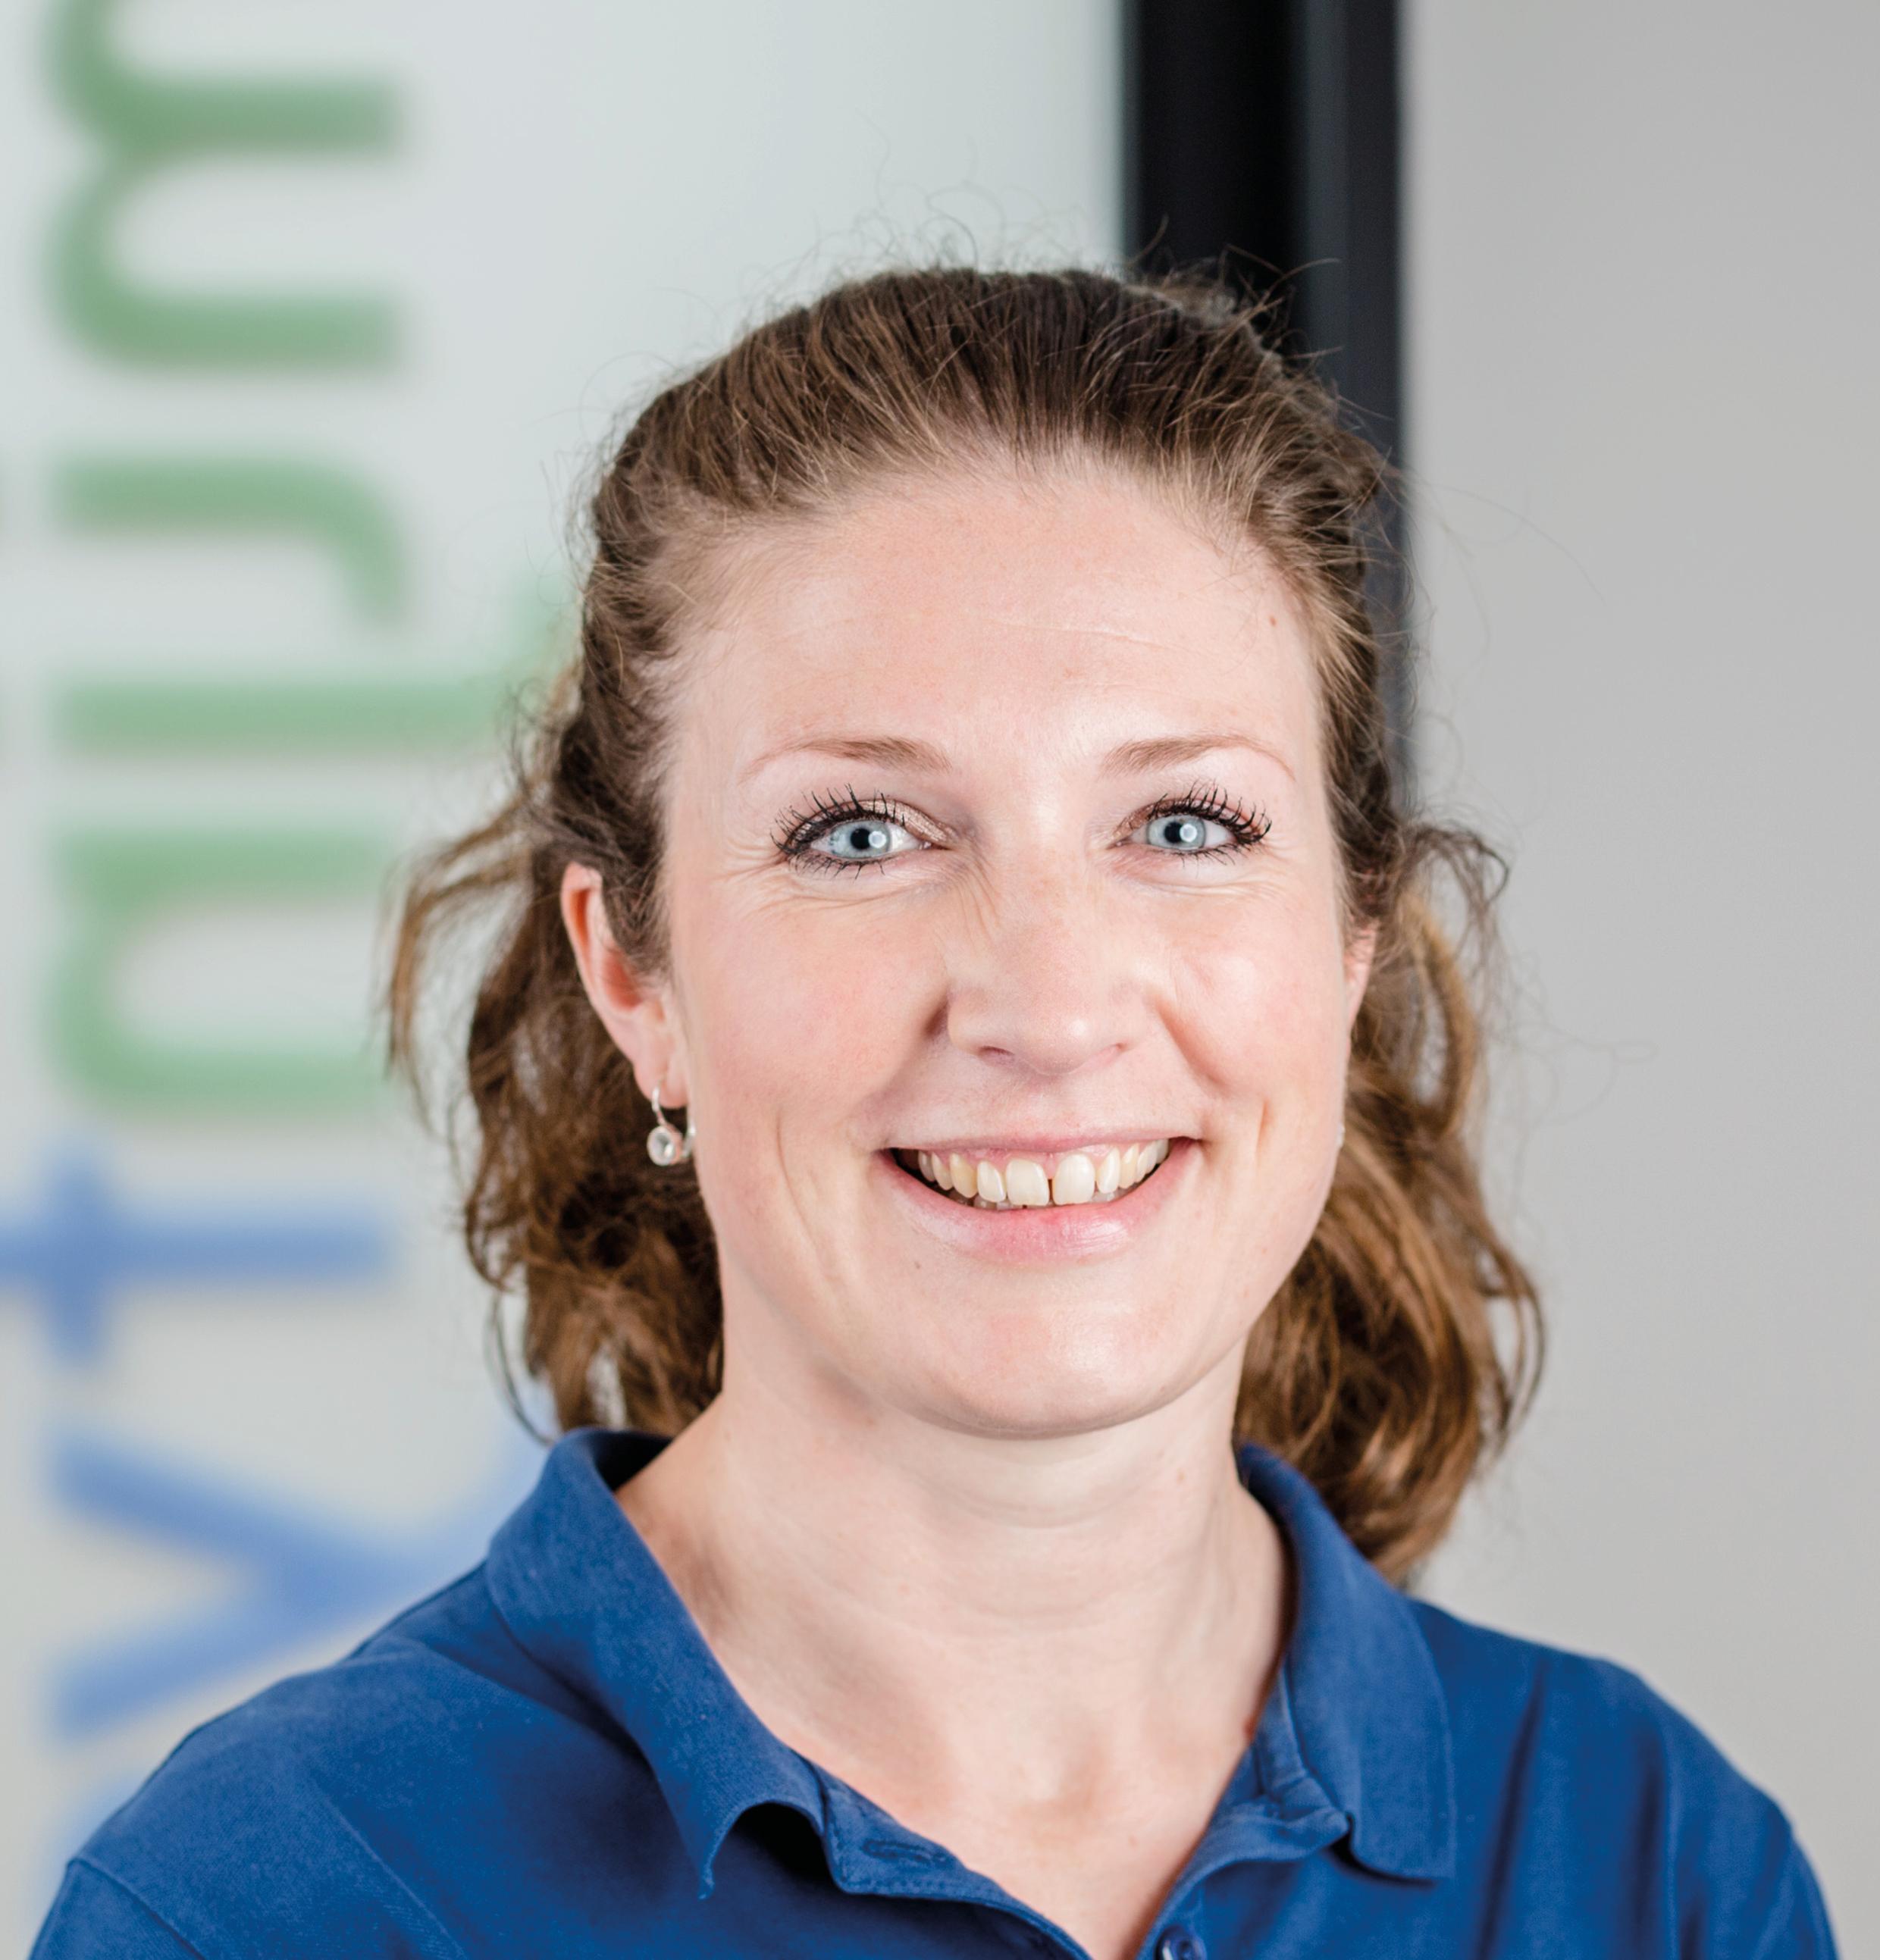 Andrea Veltink-Prenger